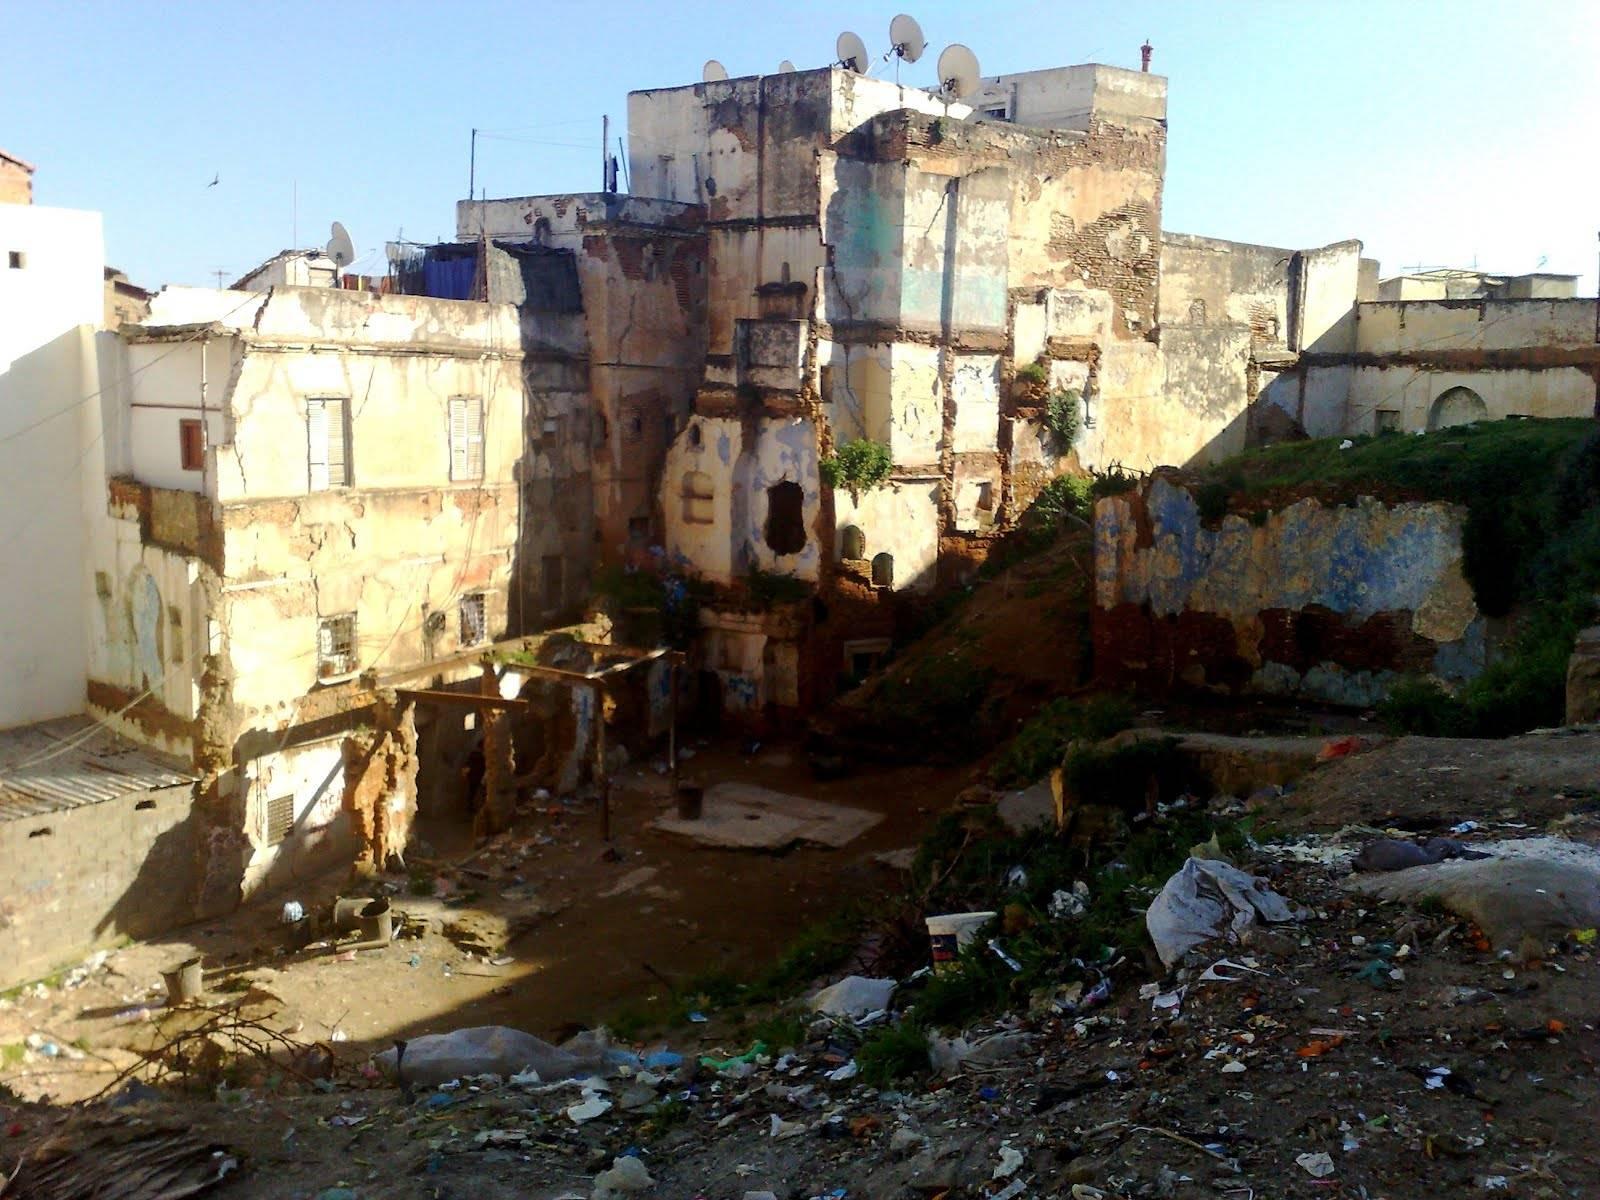 Algerie, mon amour!